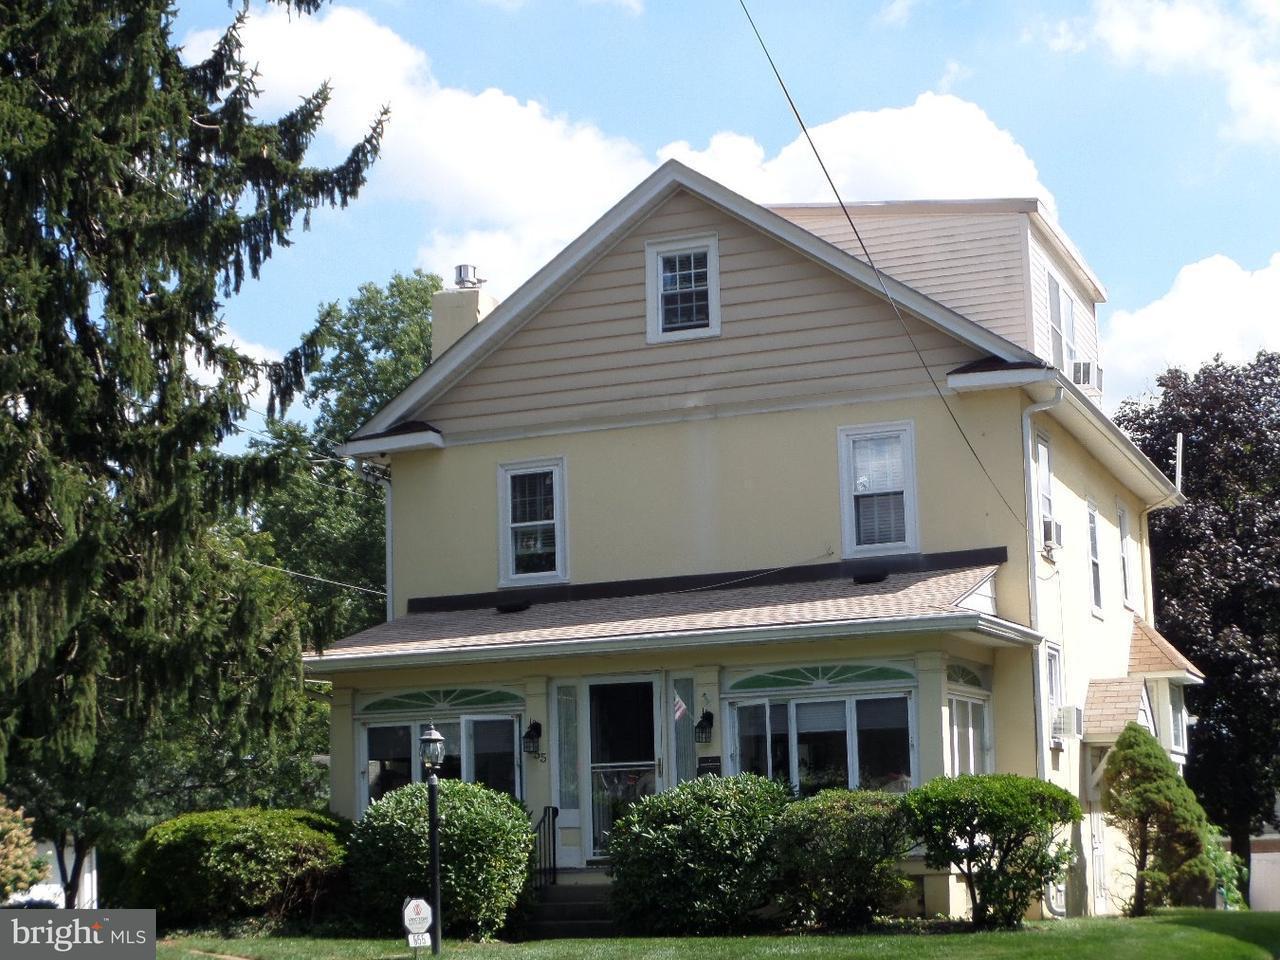 Частный односемейный дом для того Продажа на 555 ABINGTON Avenue Glenside, Пенсильвания 19038 Соединенные Штаты